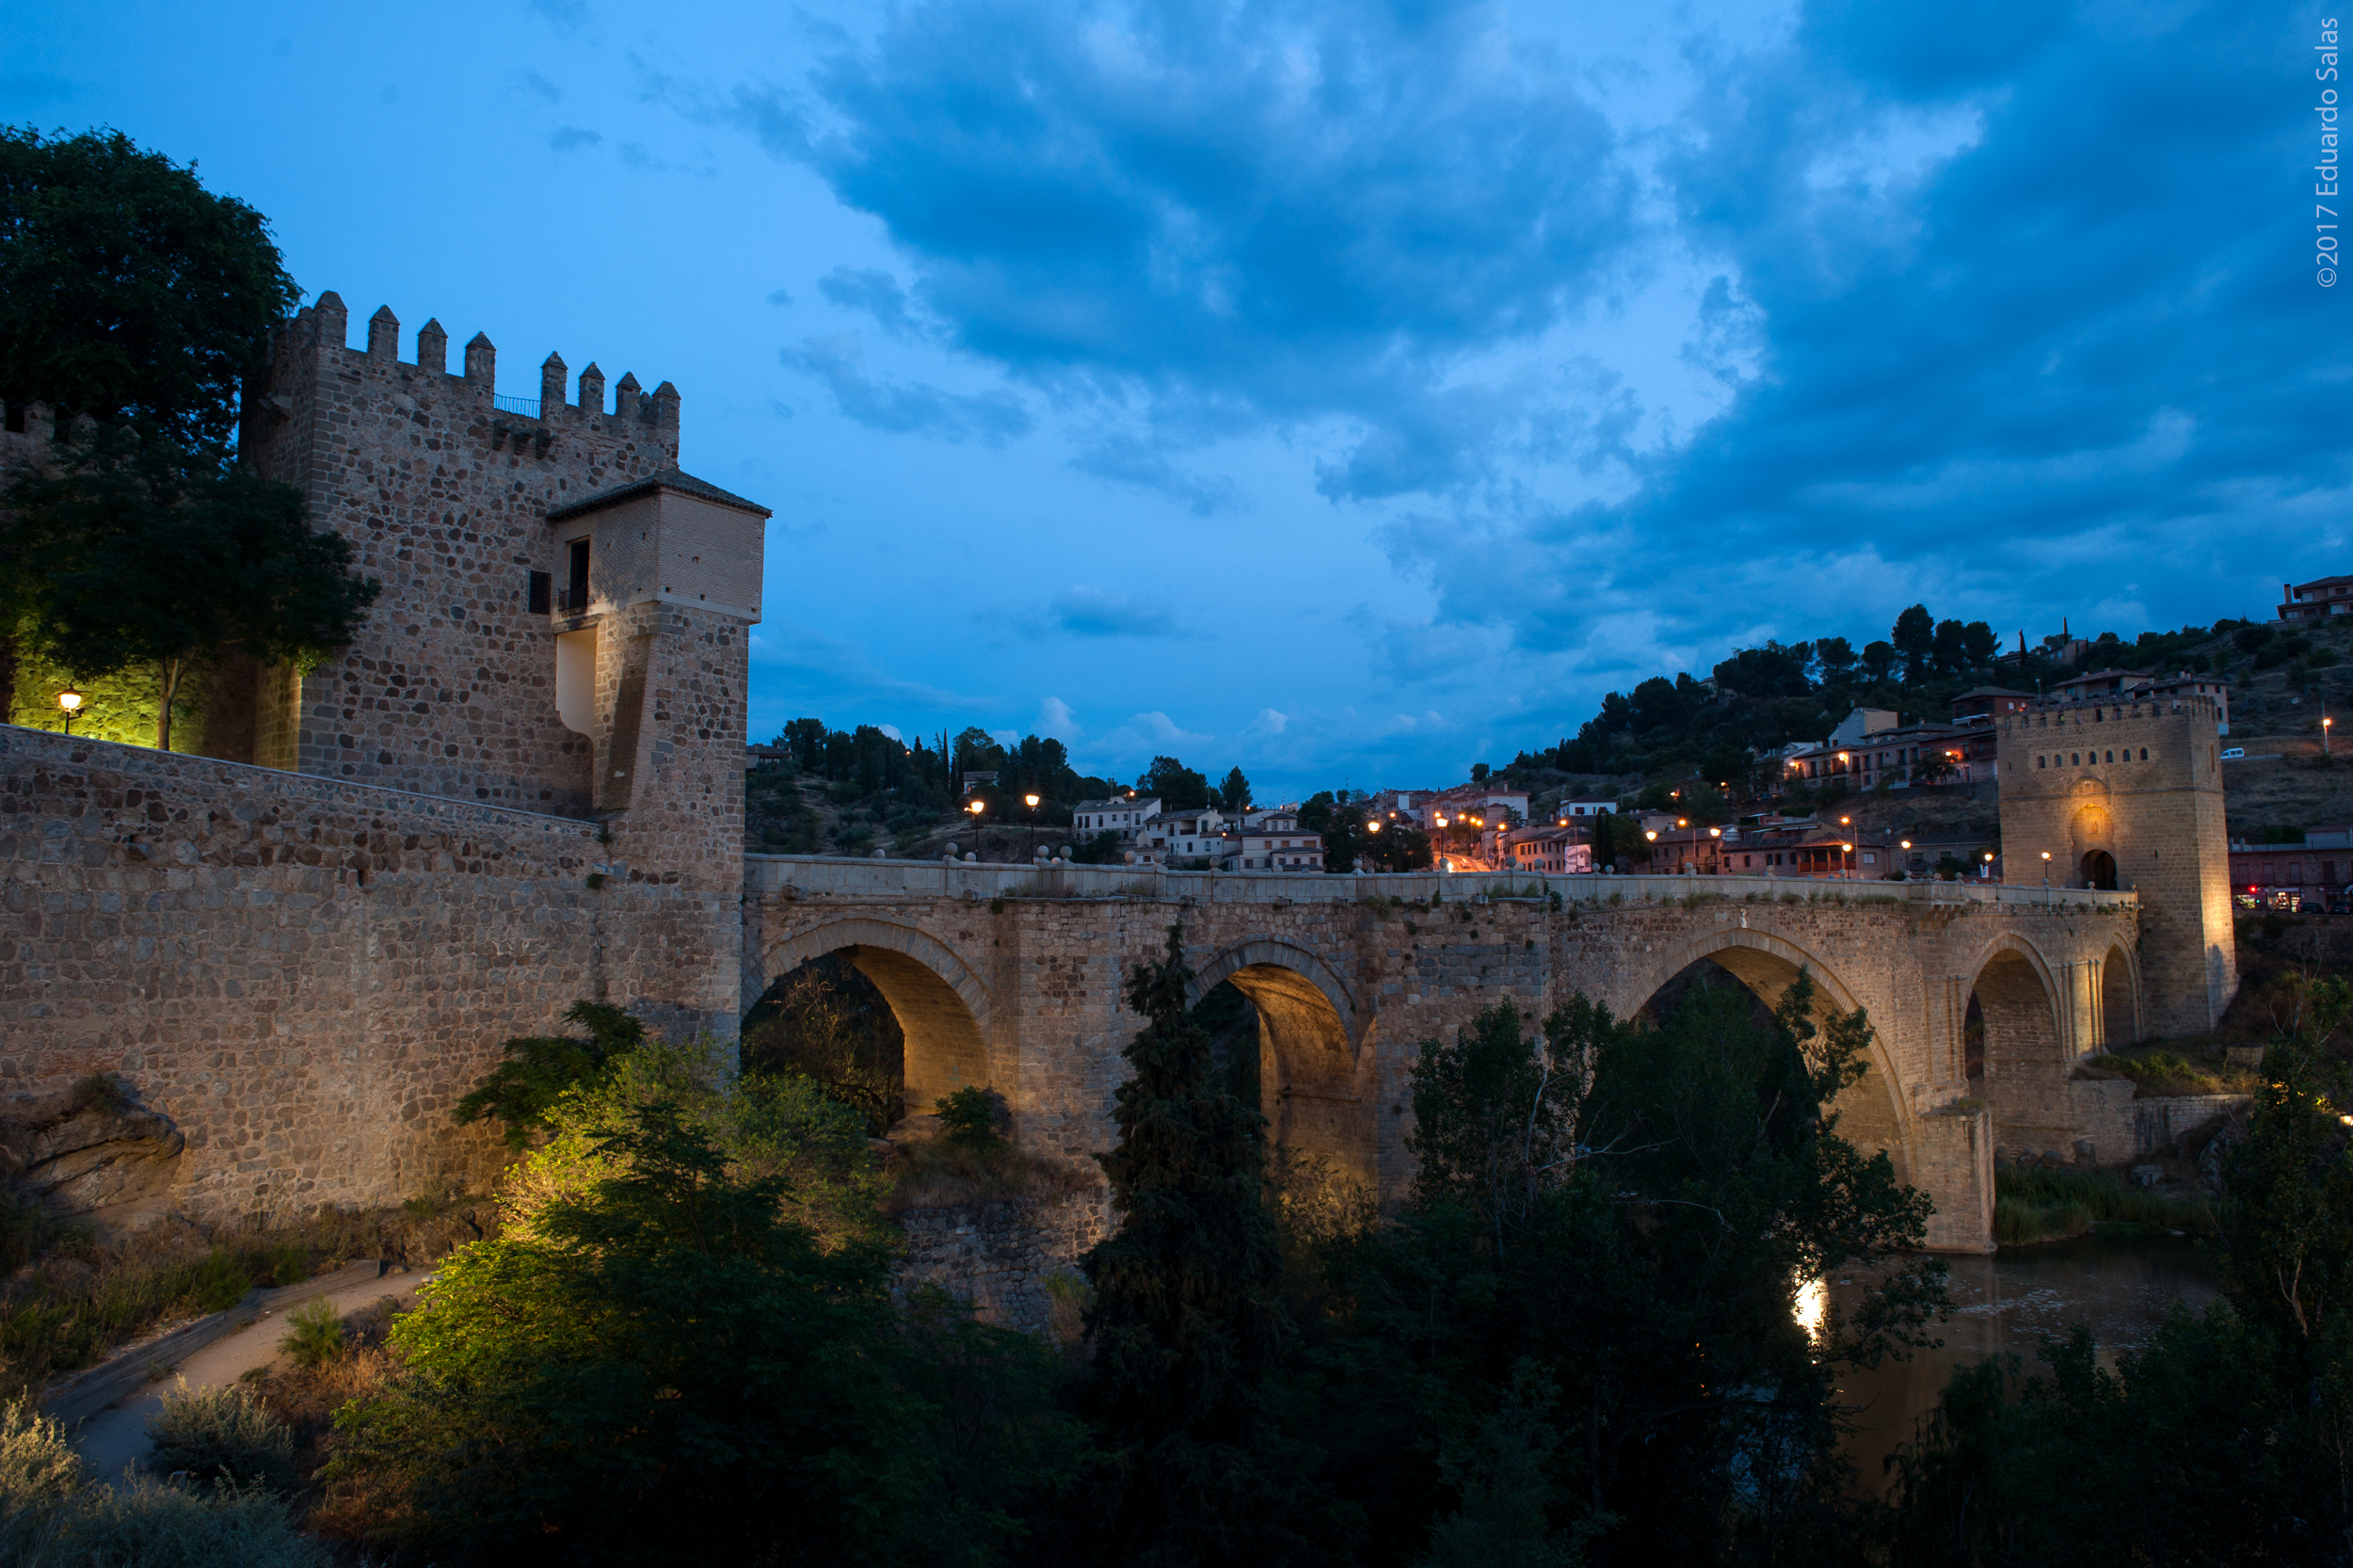 puente-fortificado-de-san-martn_34700507750_o